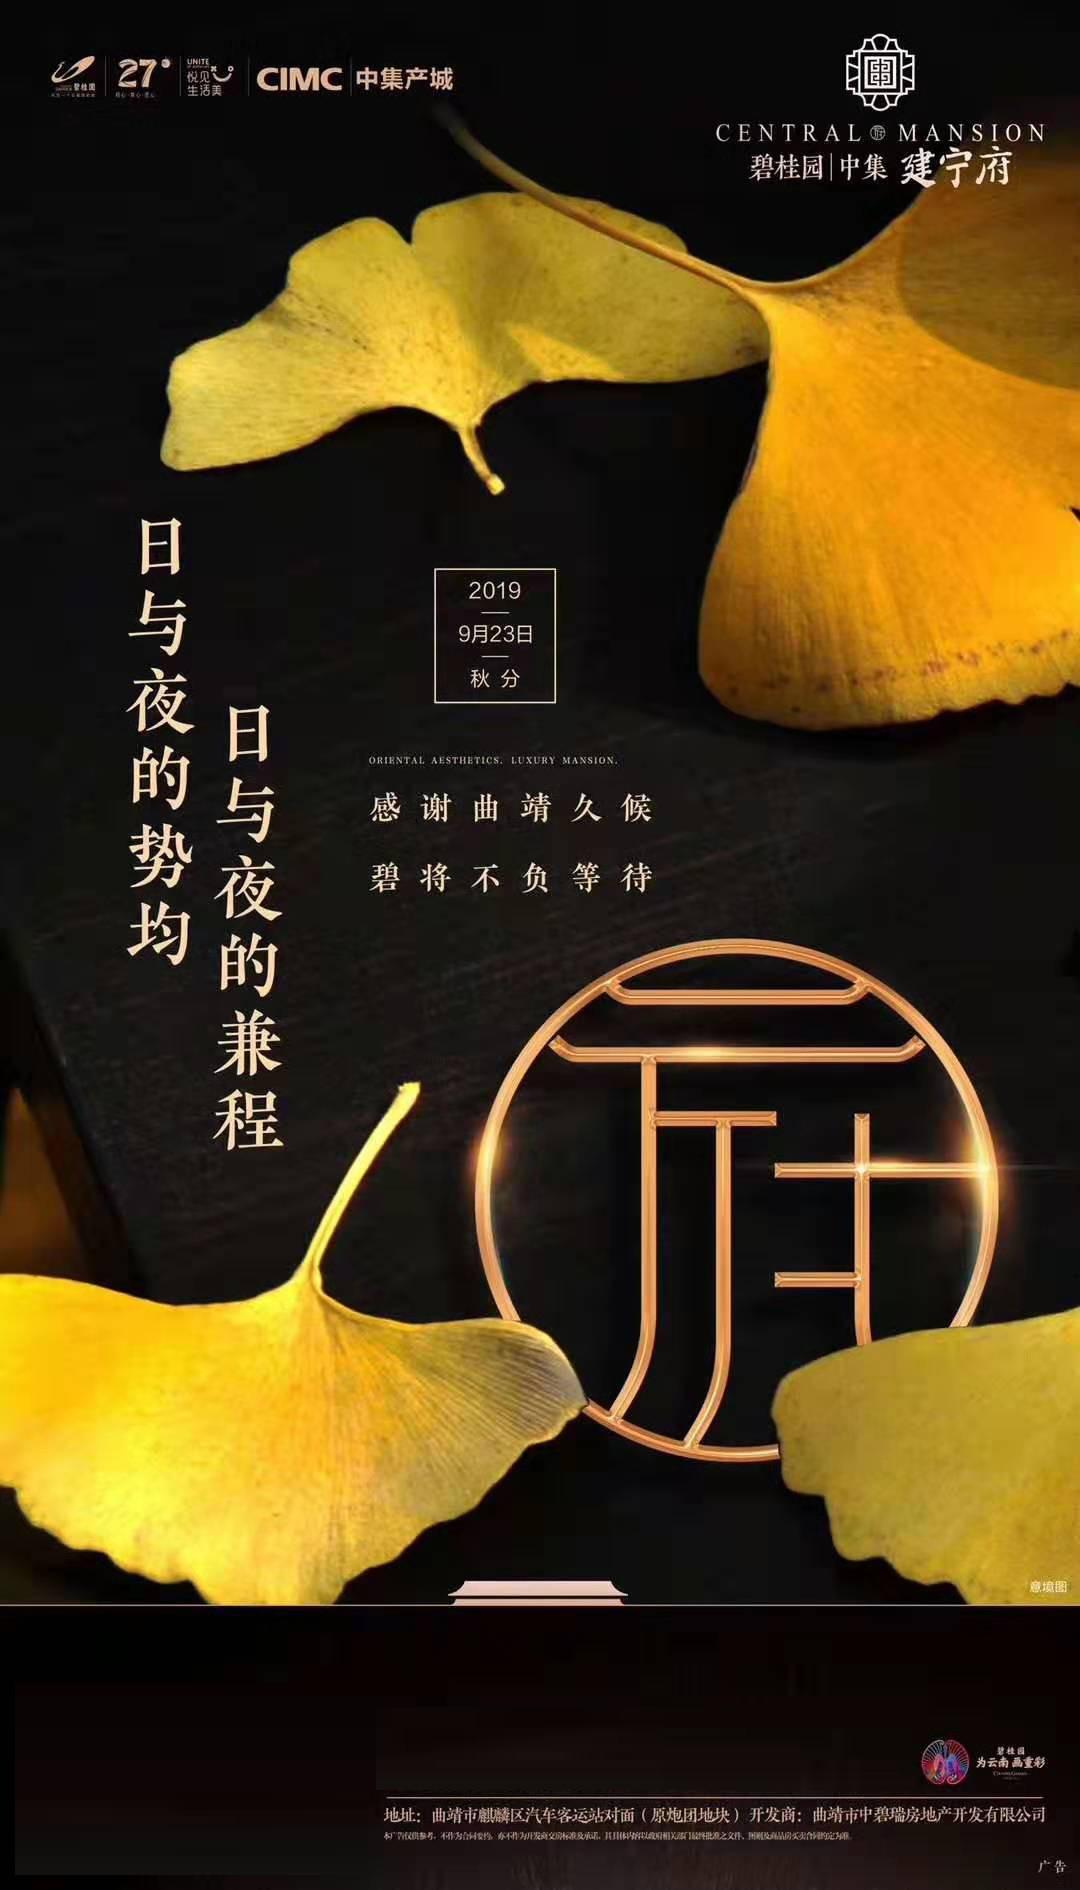 碧桂园中集·建宁府